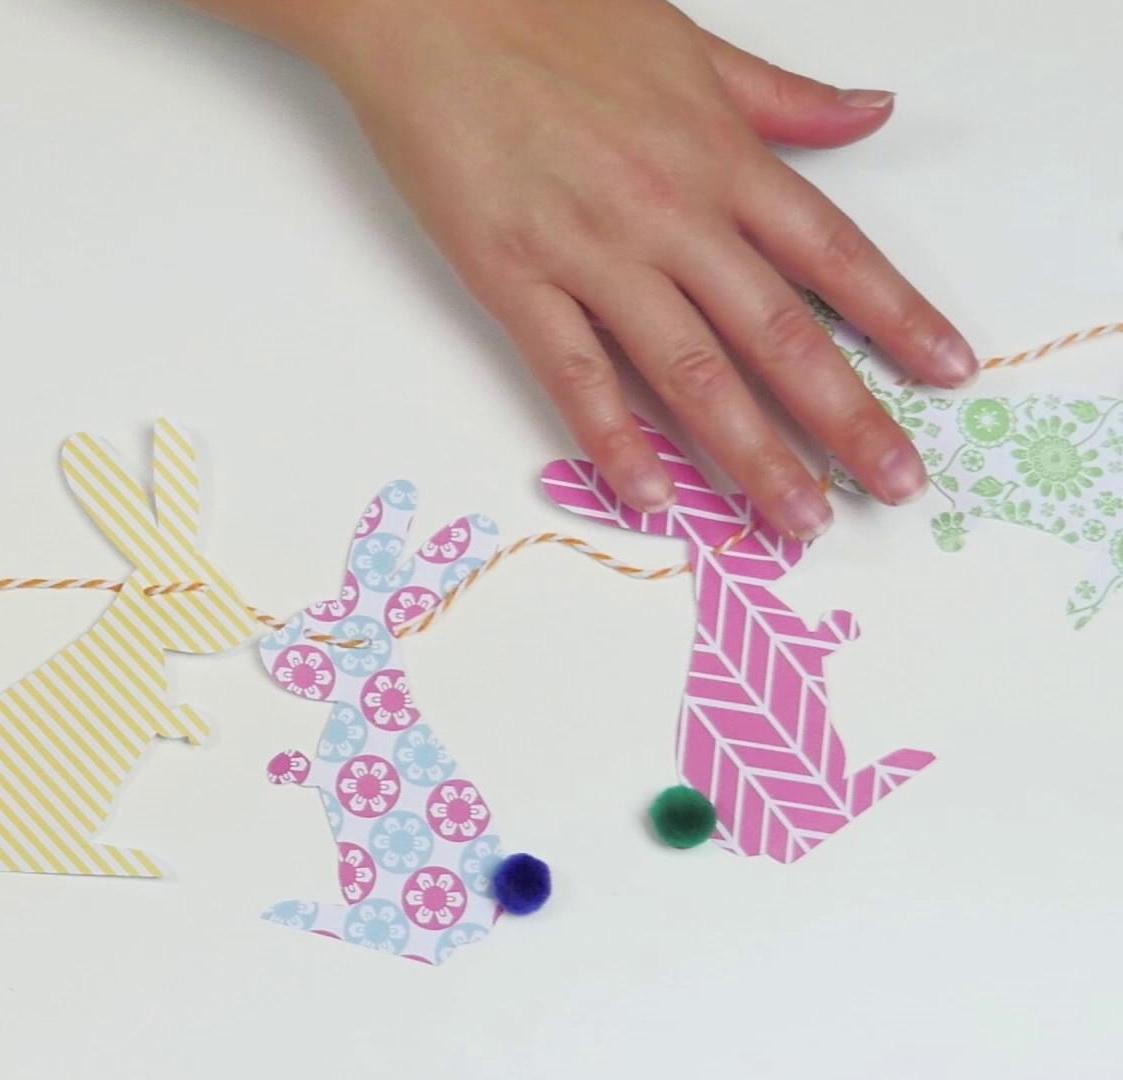 Coloriages – Coloriage En Ligne Pour Enfants Fr.hellokids concernant Coloriage À Colorier Sur L Ordinateur Gratuit